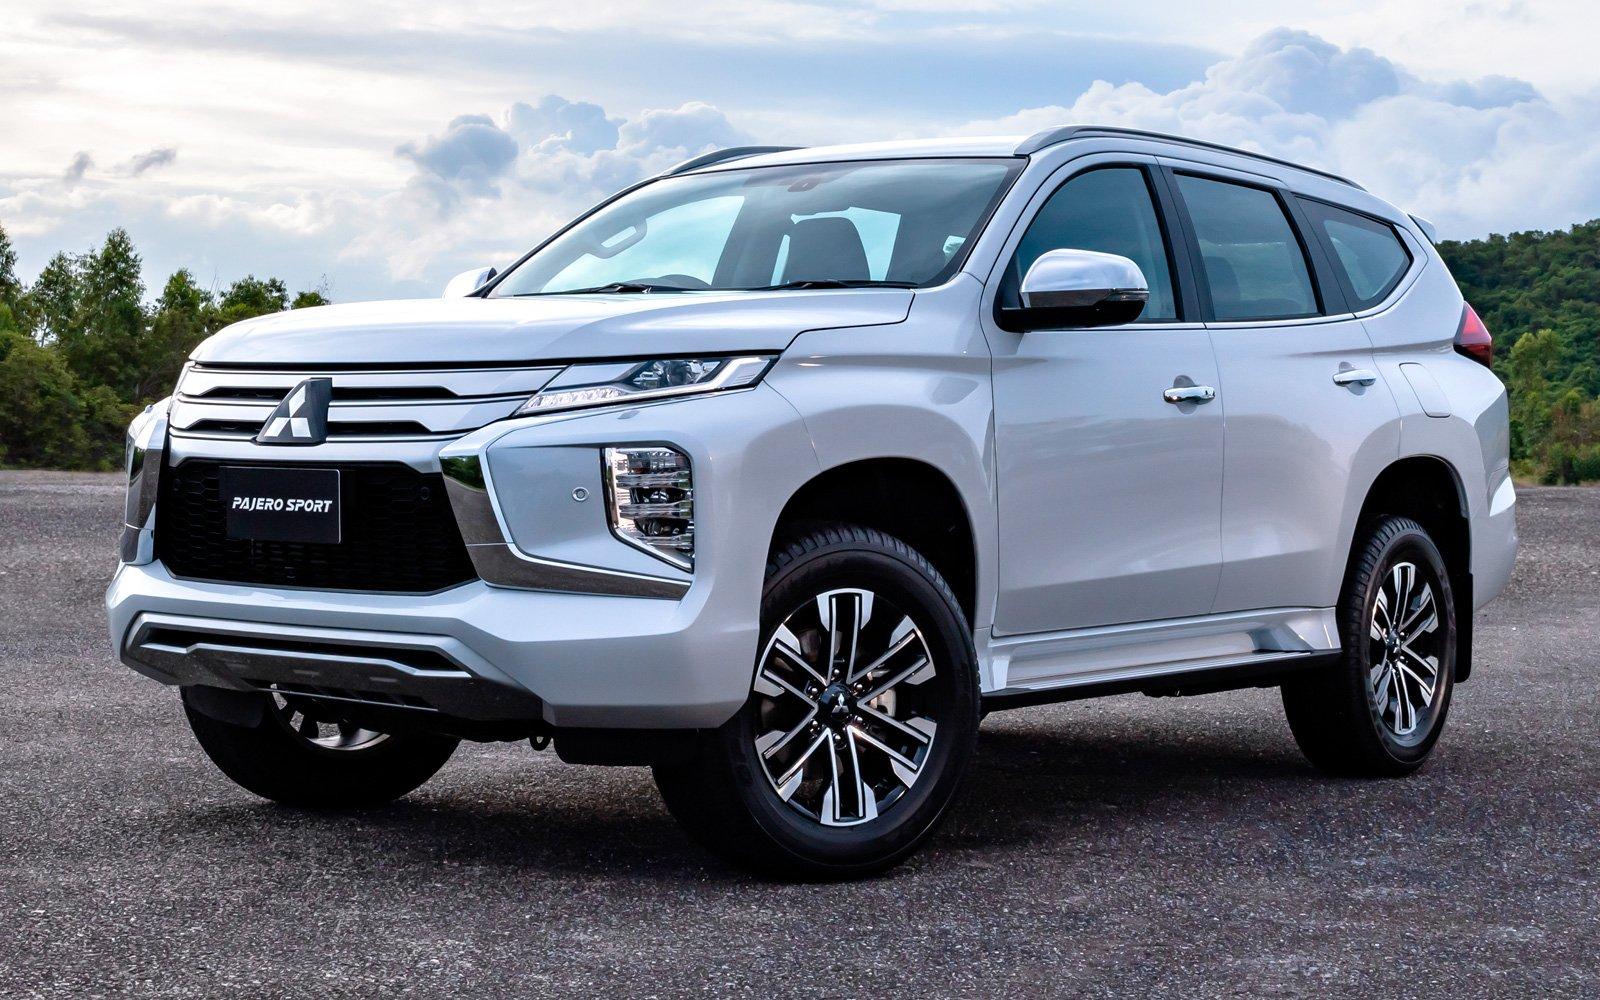 2020 Mitsubishi Pajero Images